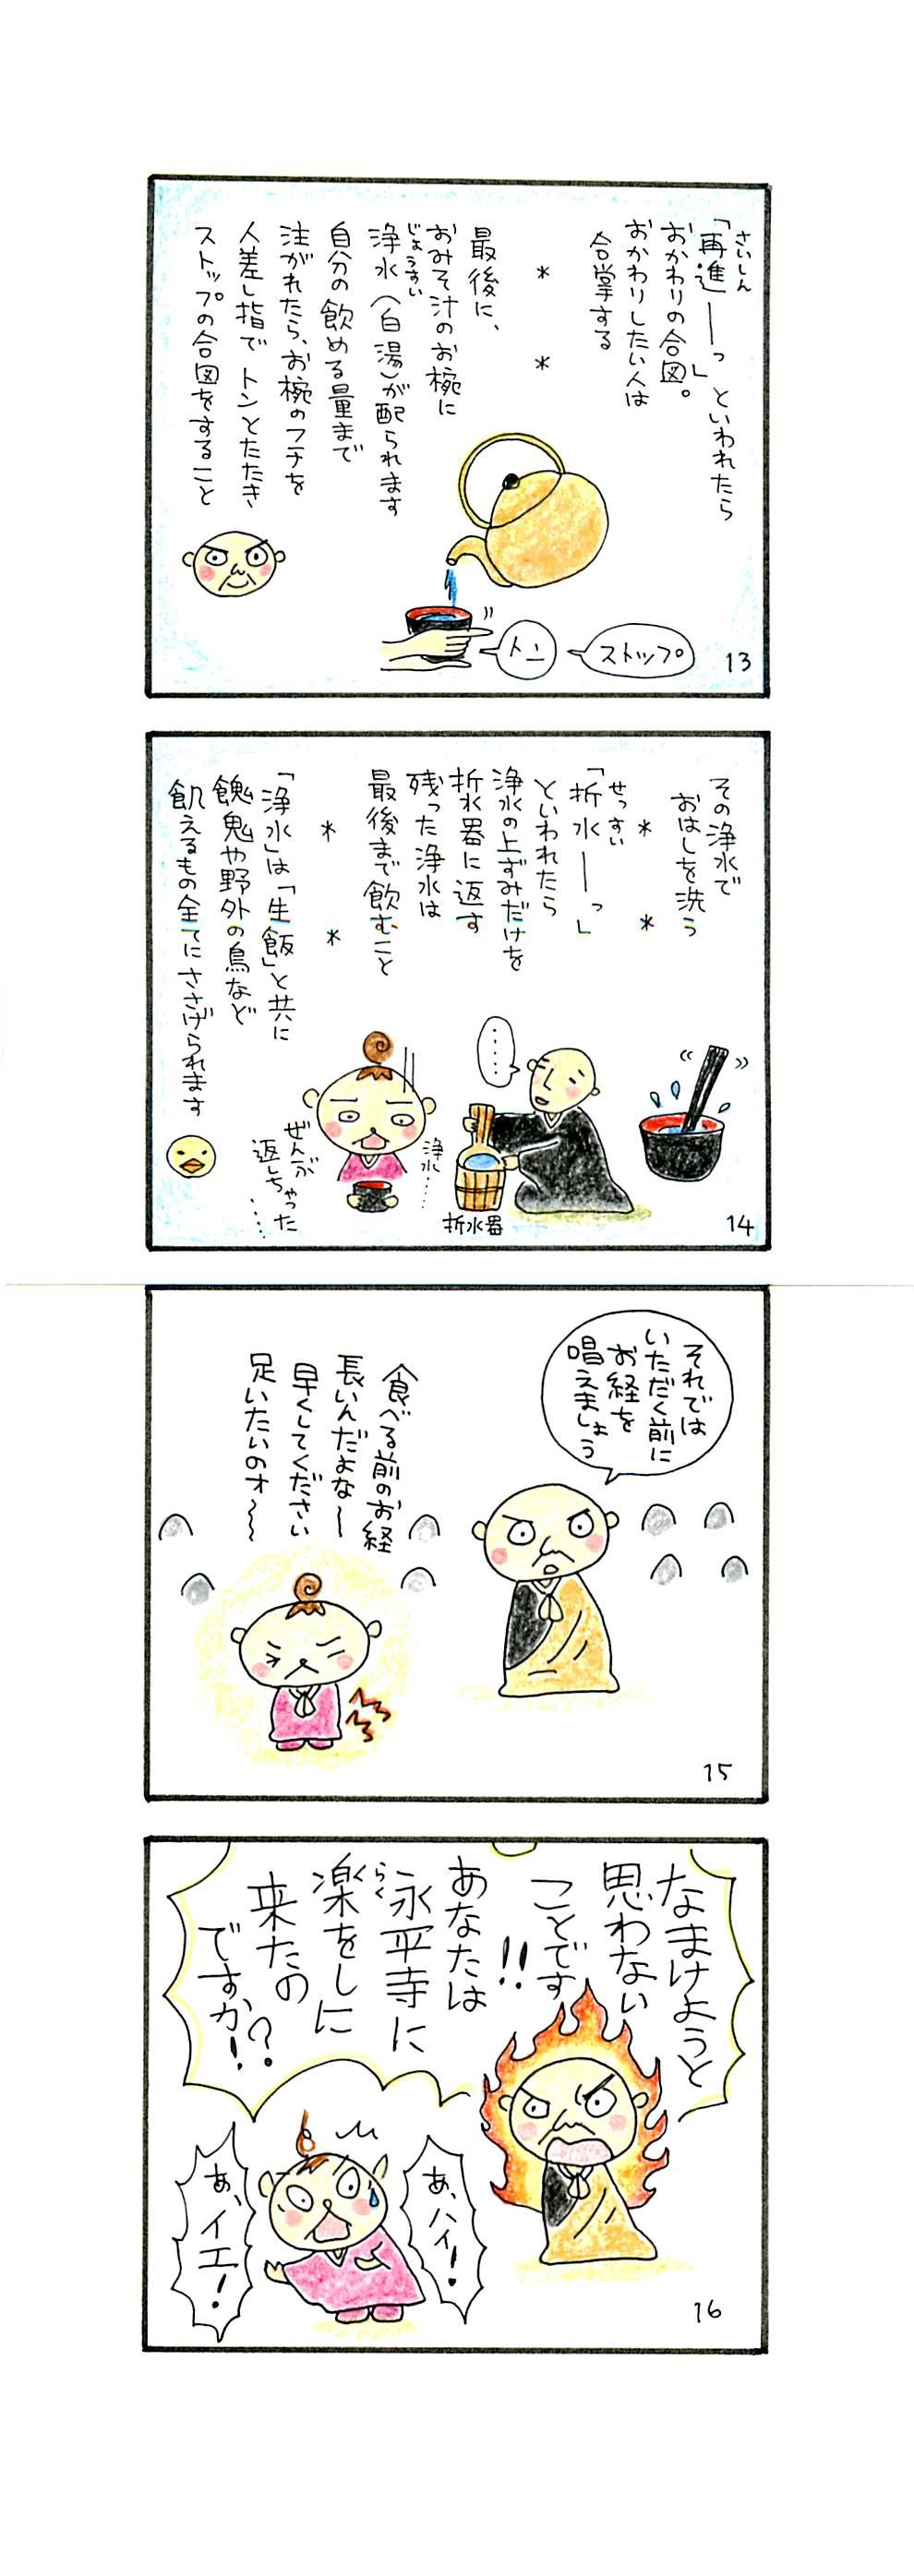 ピカル先生漫画004